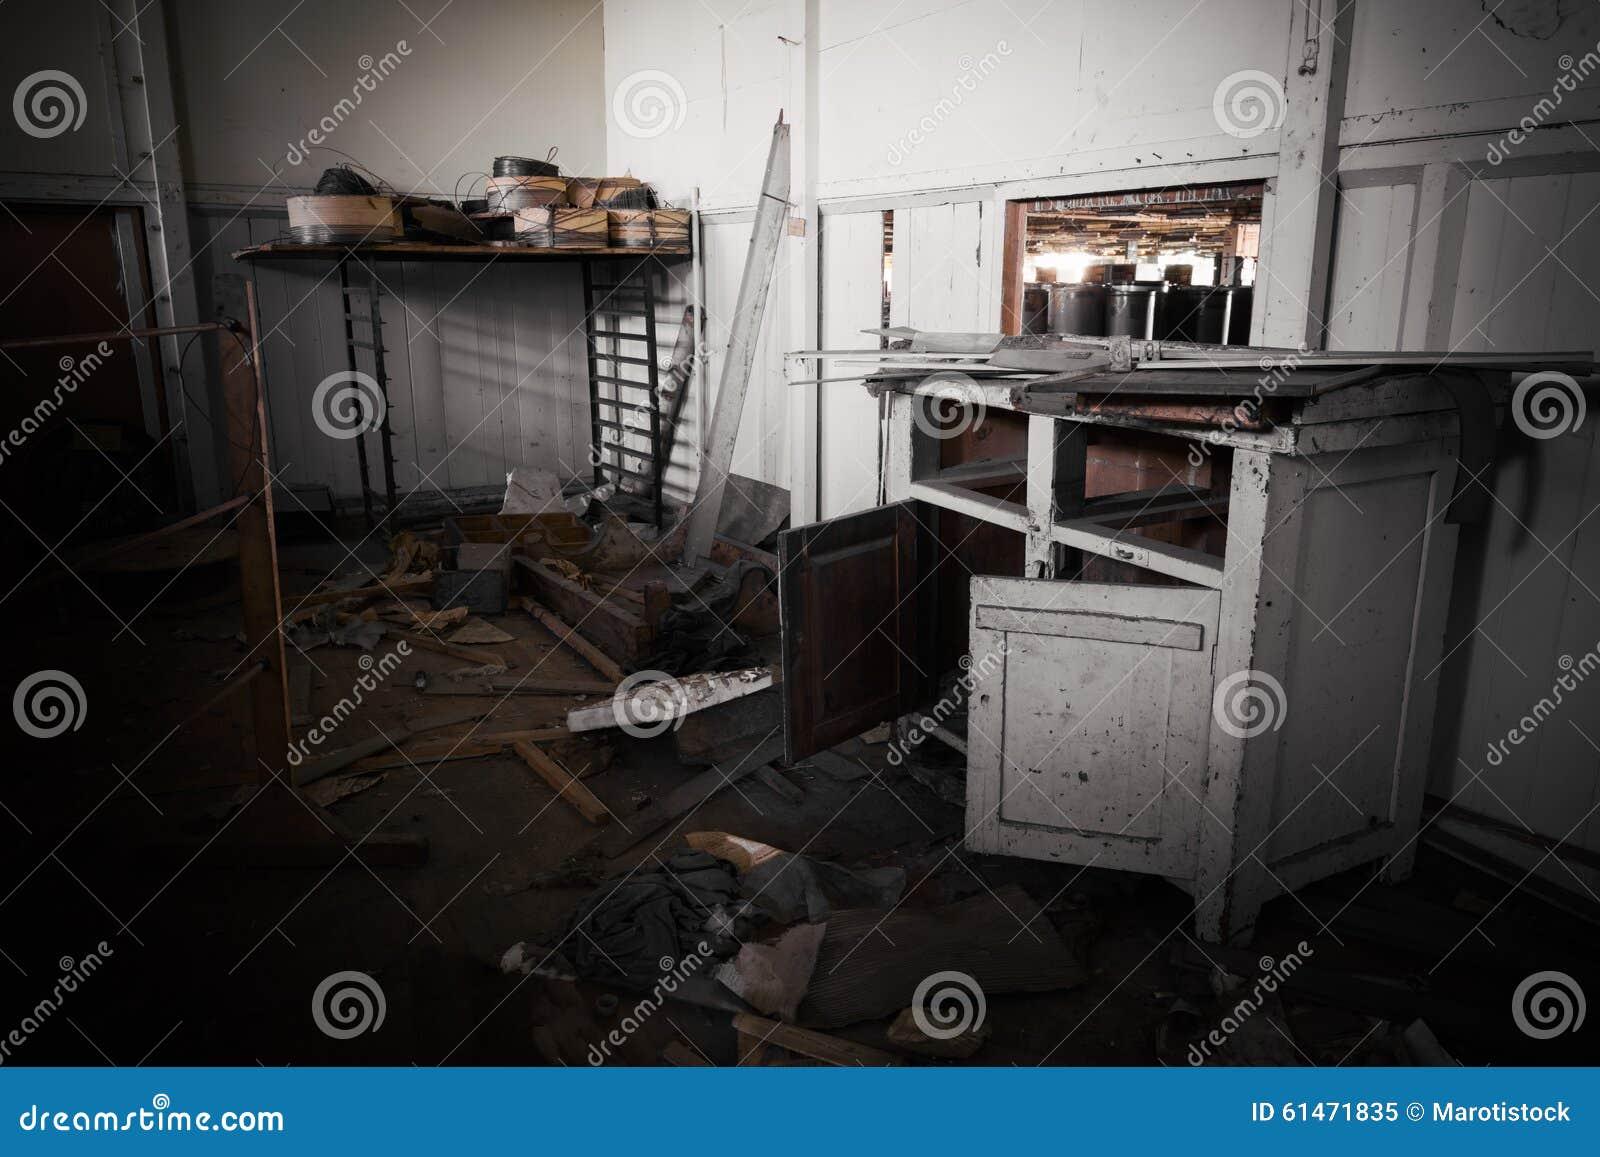 Meubles de bureau sales dans une usine abandonnée image stock